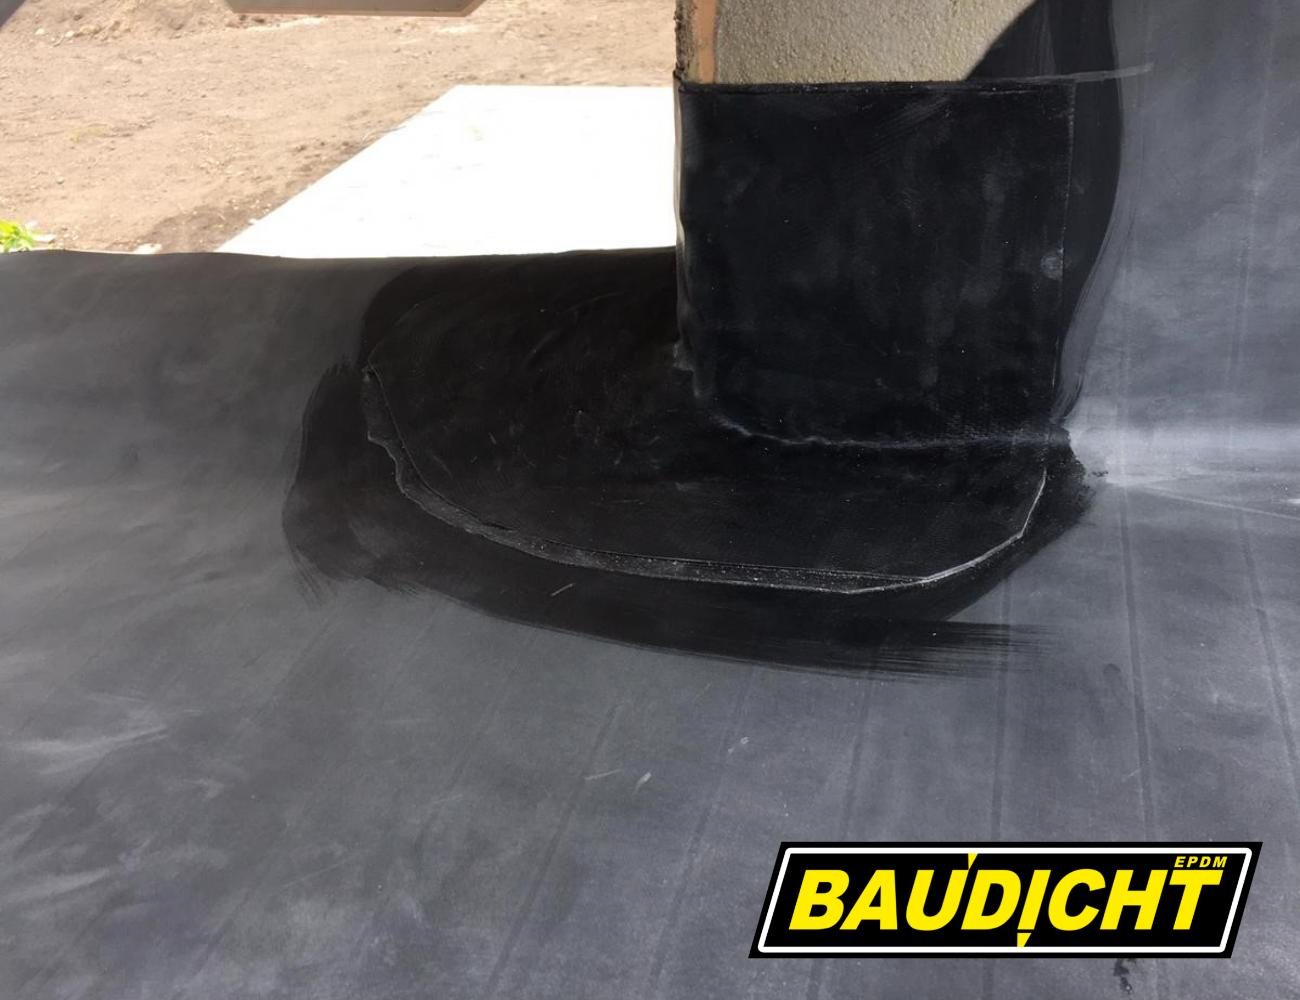 BAUDICHT EPDM Terrassenabdichtung von Außenecken mit Formband